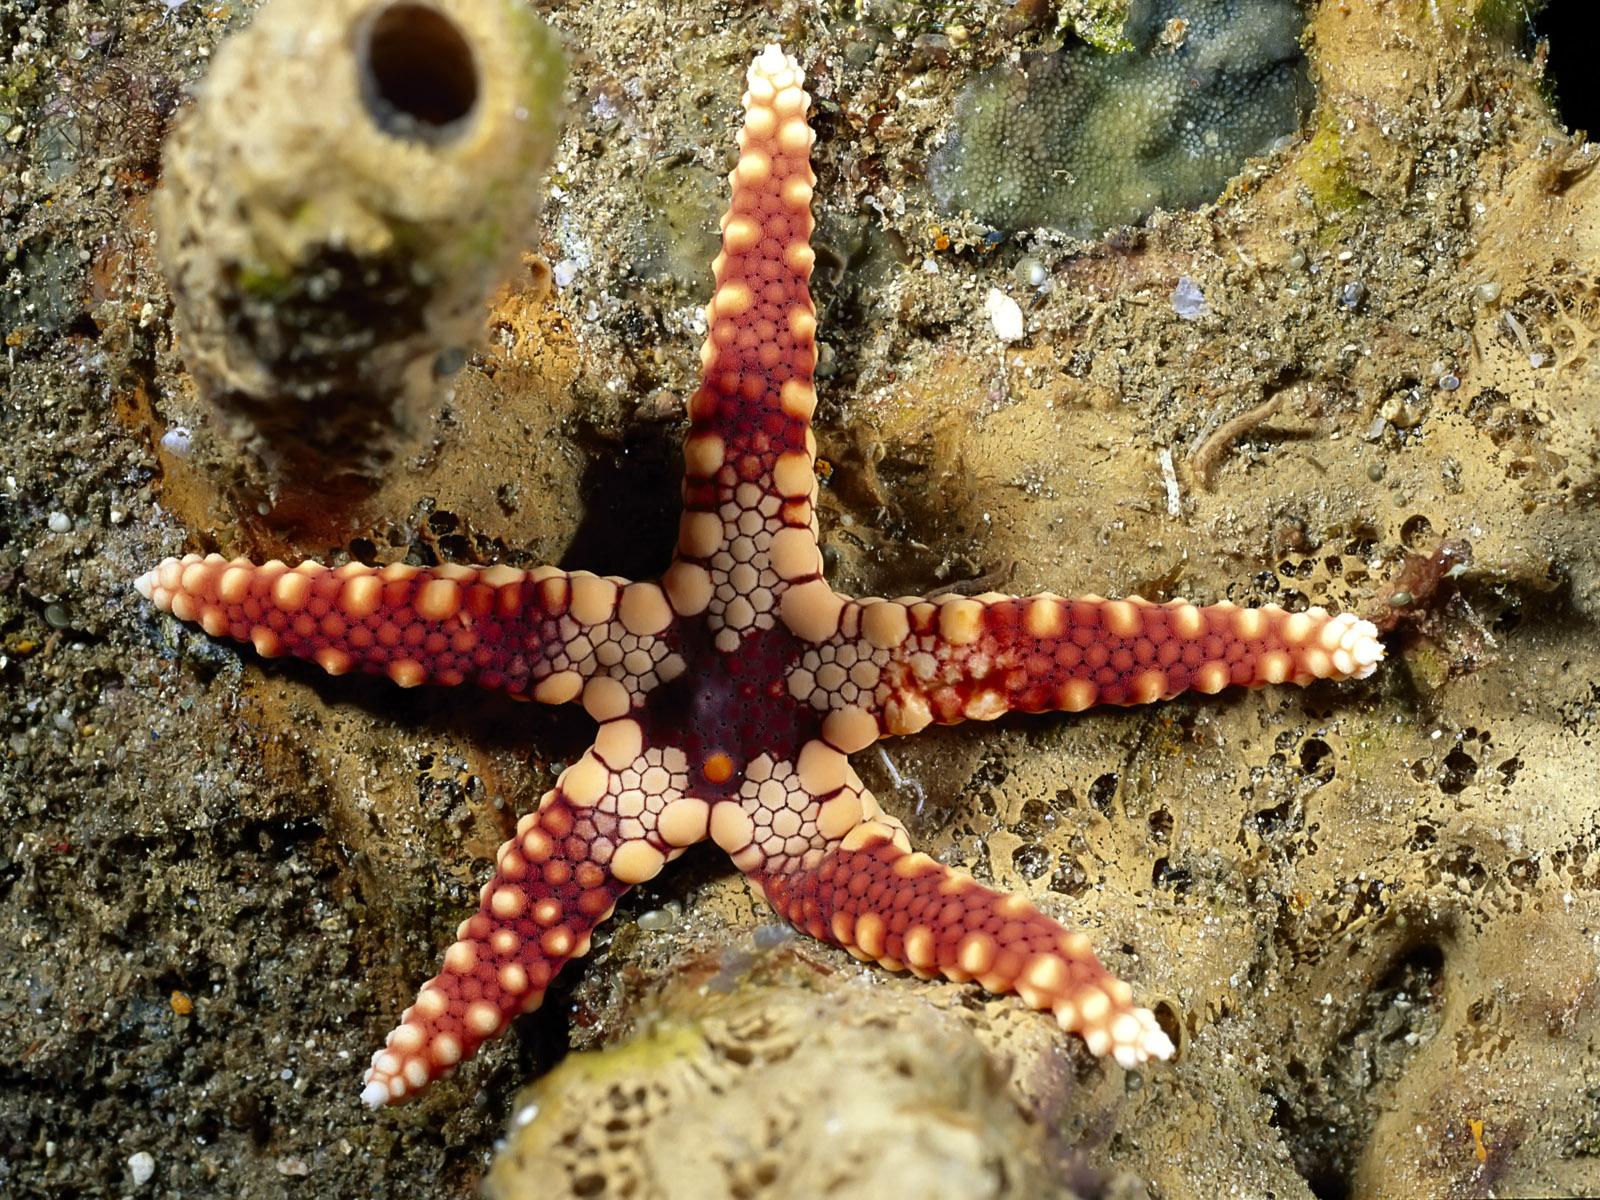 https://3.bp.blogspot.com/-QaUcpP0kW3Q/Tg4r9zKmdjI/AAAAAAAABBY/f93YuOrGwU0/s1600/Underwater%2BWallpaper%2B%25252881%252529.jpg